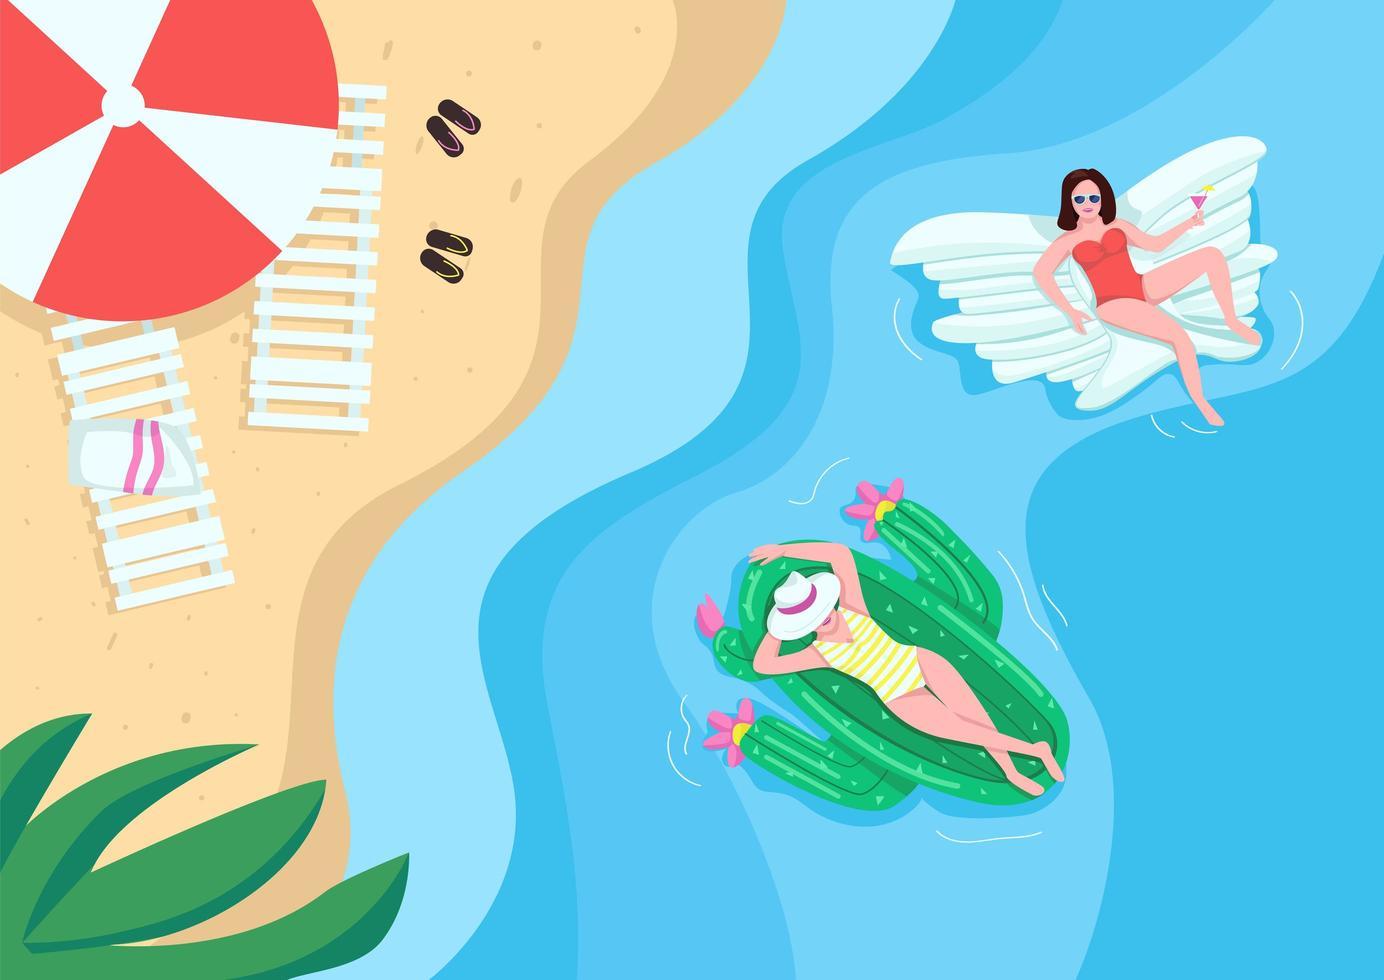 kvinnor vilar på sandstrand platt färg vektorillustration vektor